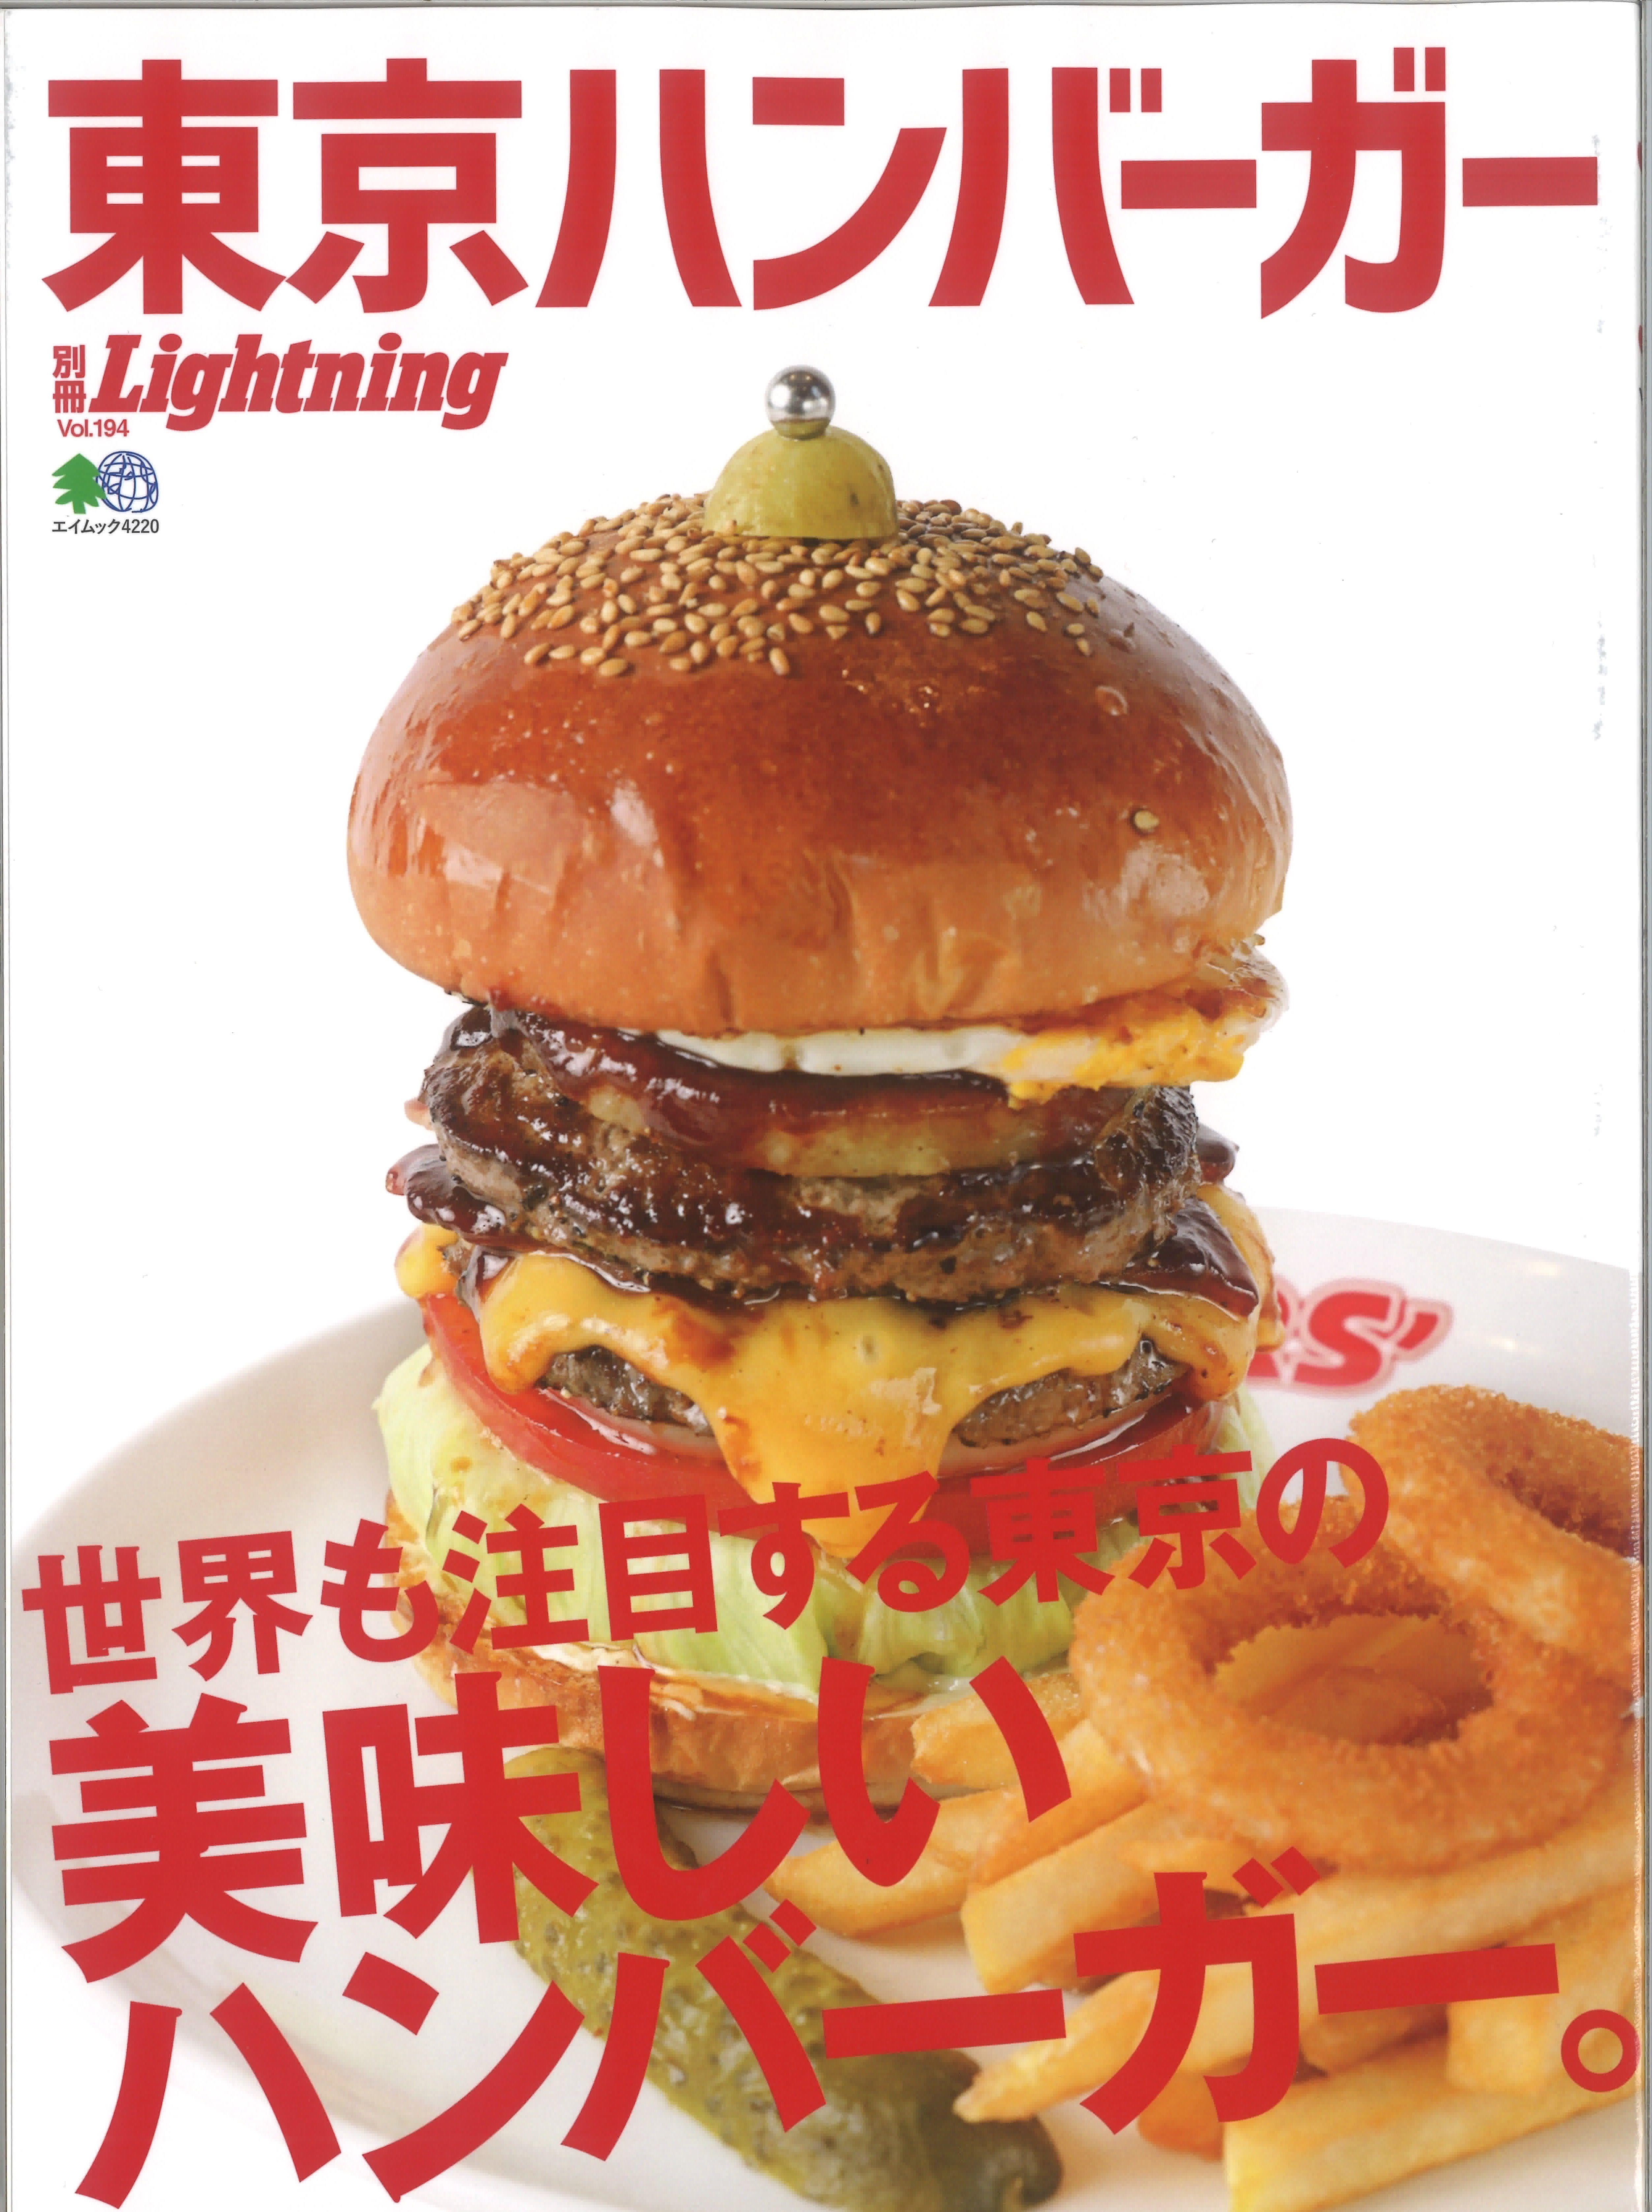 Tokyohamburger_GMCToranomon_①.jpg